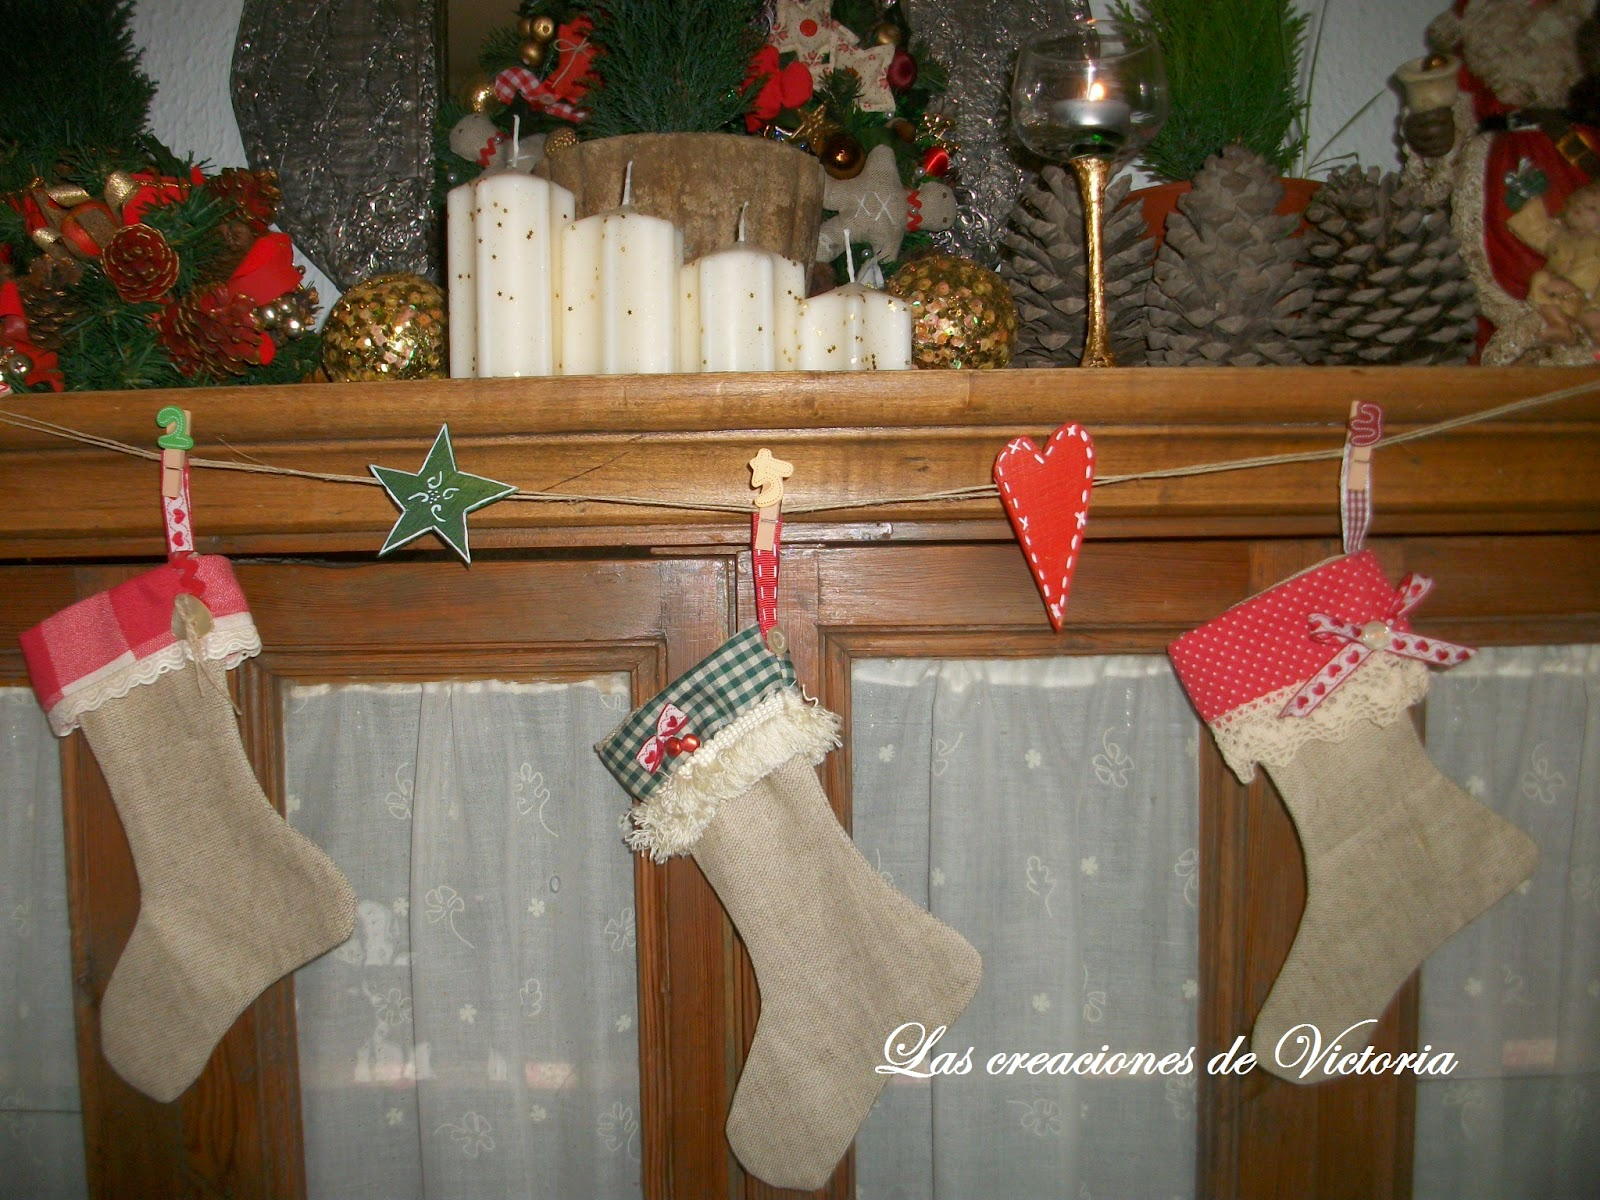 Las creaciones de Victoria. Patchwork .Guirnalda de calcetines navidad.Reciclaje